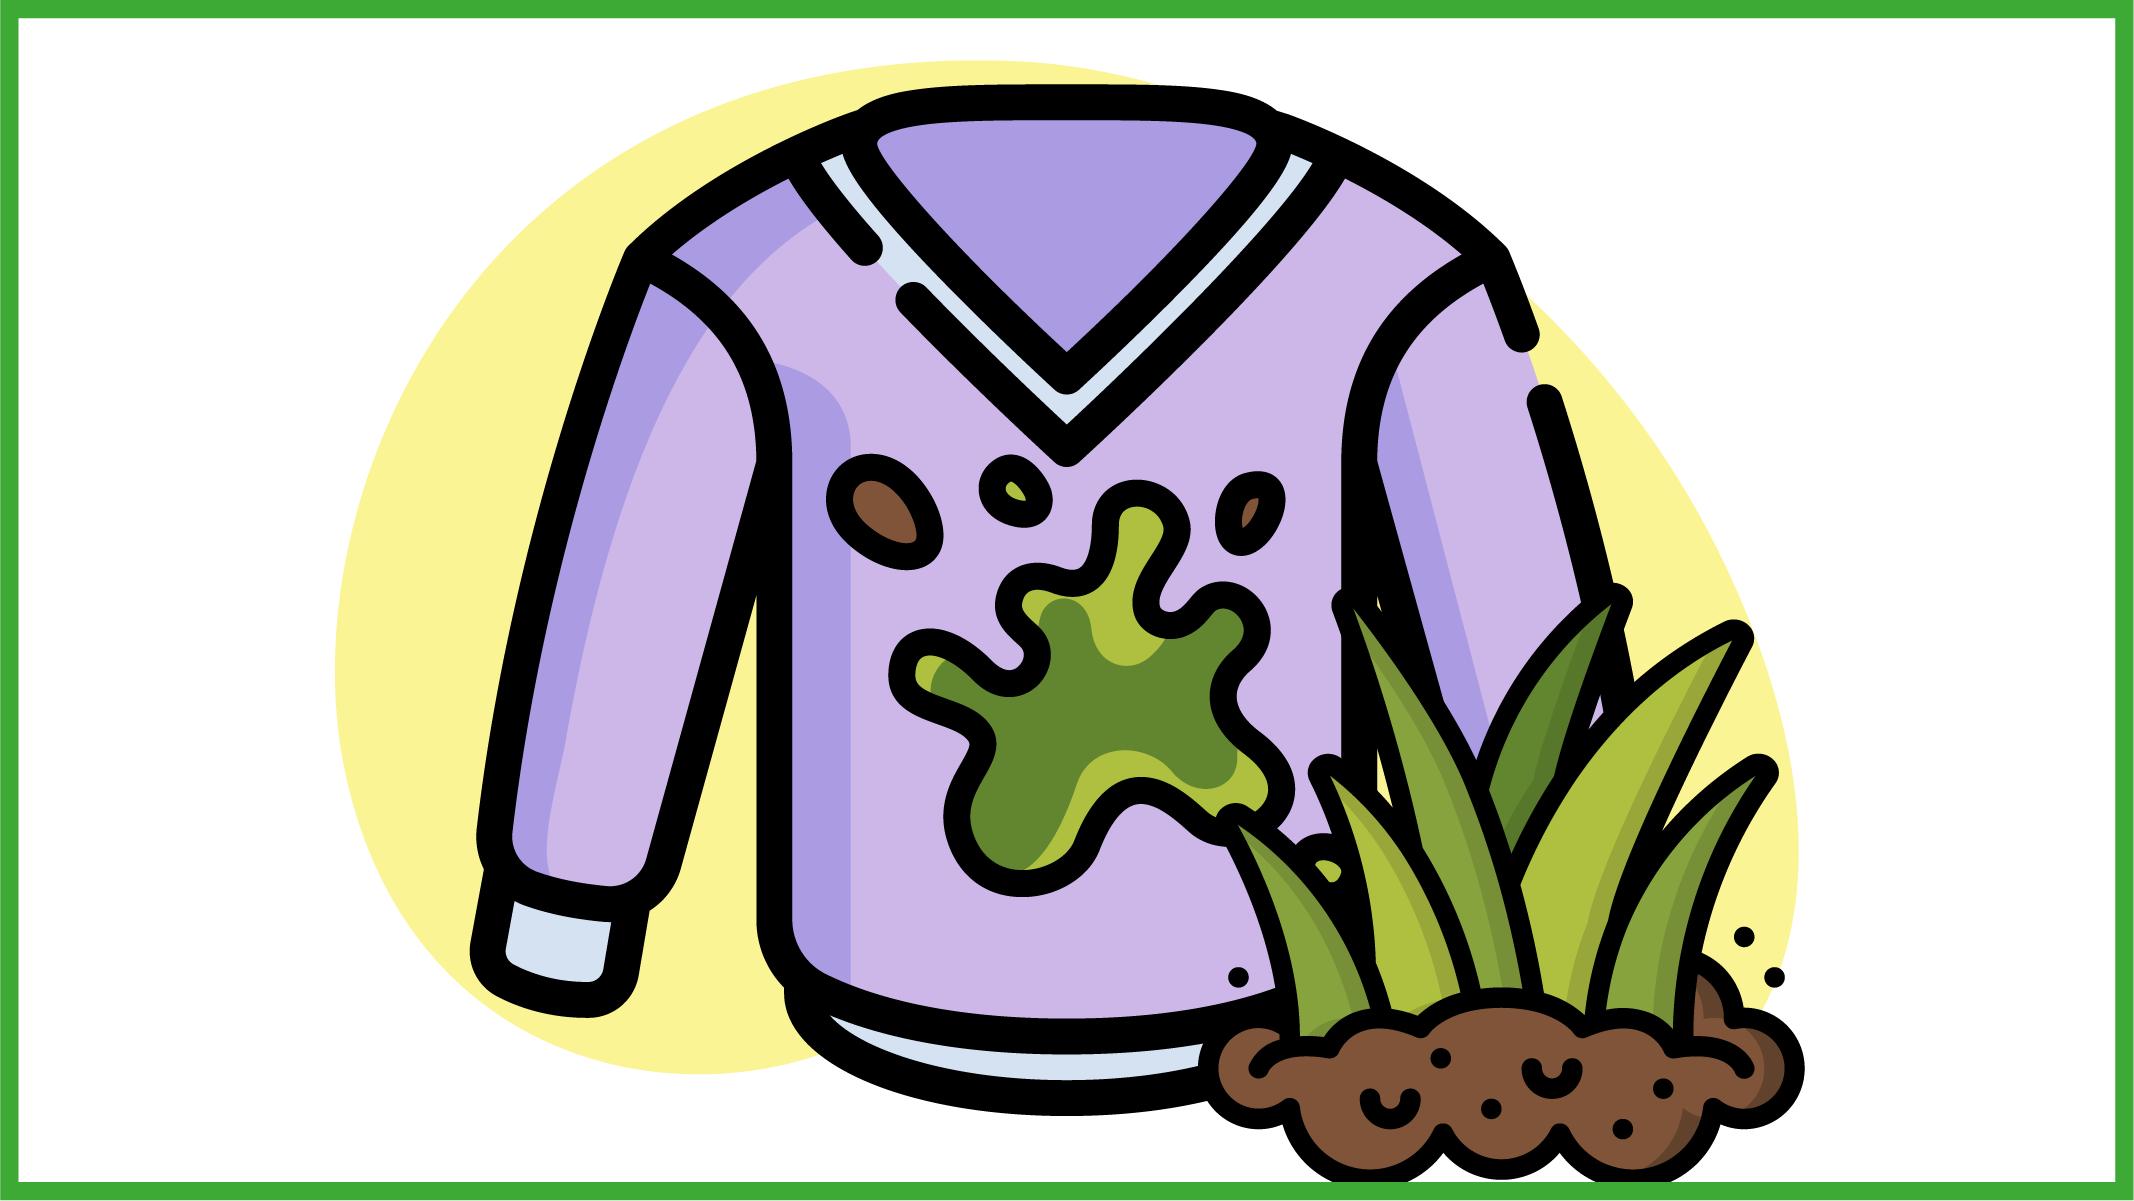 Immagine di una maglia colorata sporca di erba